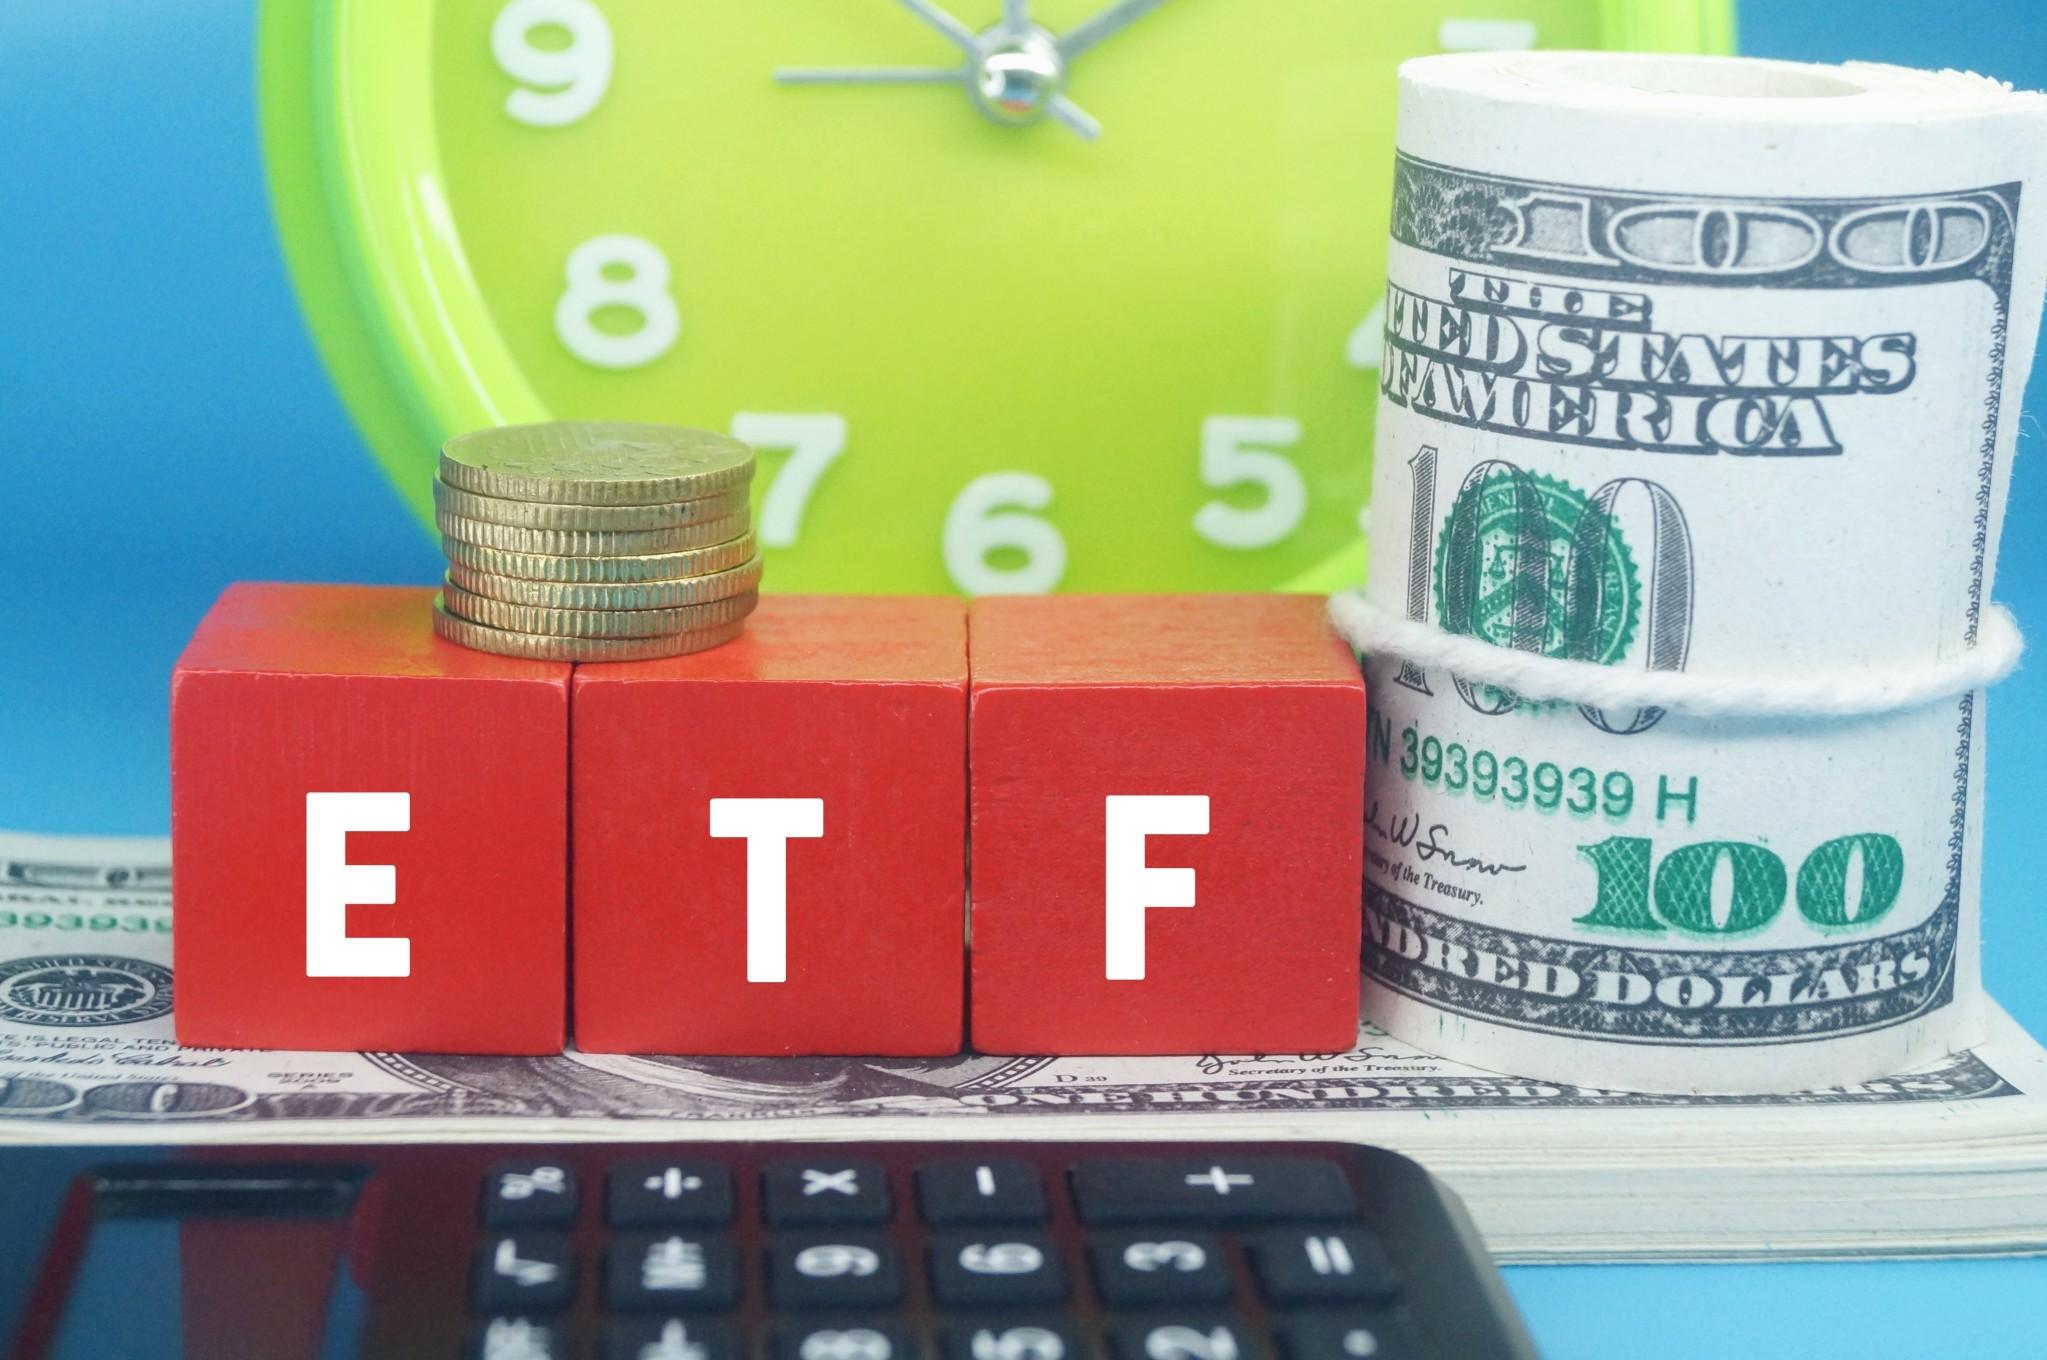 ETF - Ideal für die Geldanlage! @fauzi20art via Twenty20